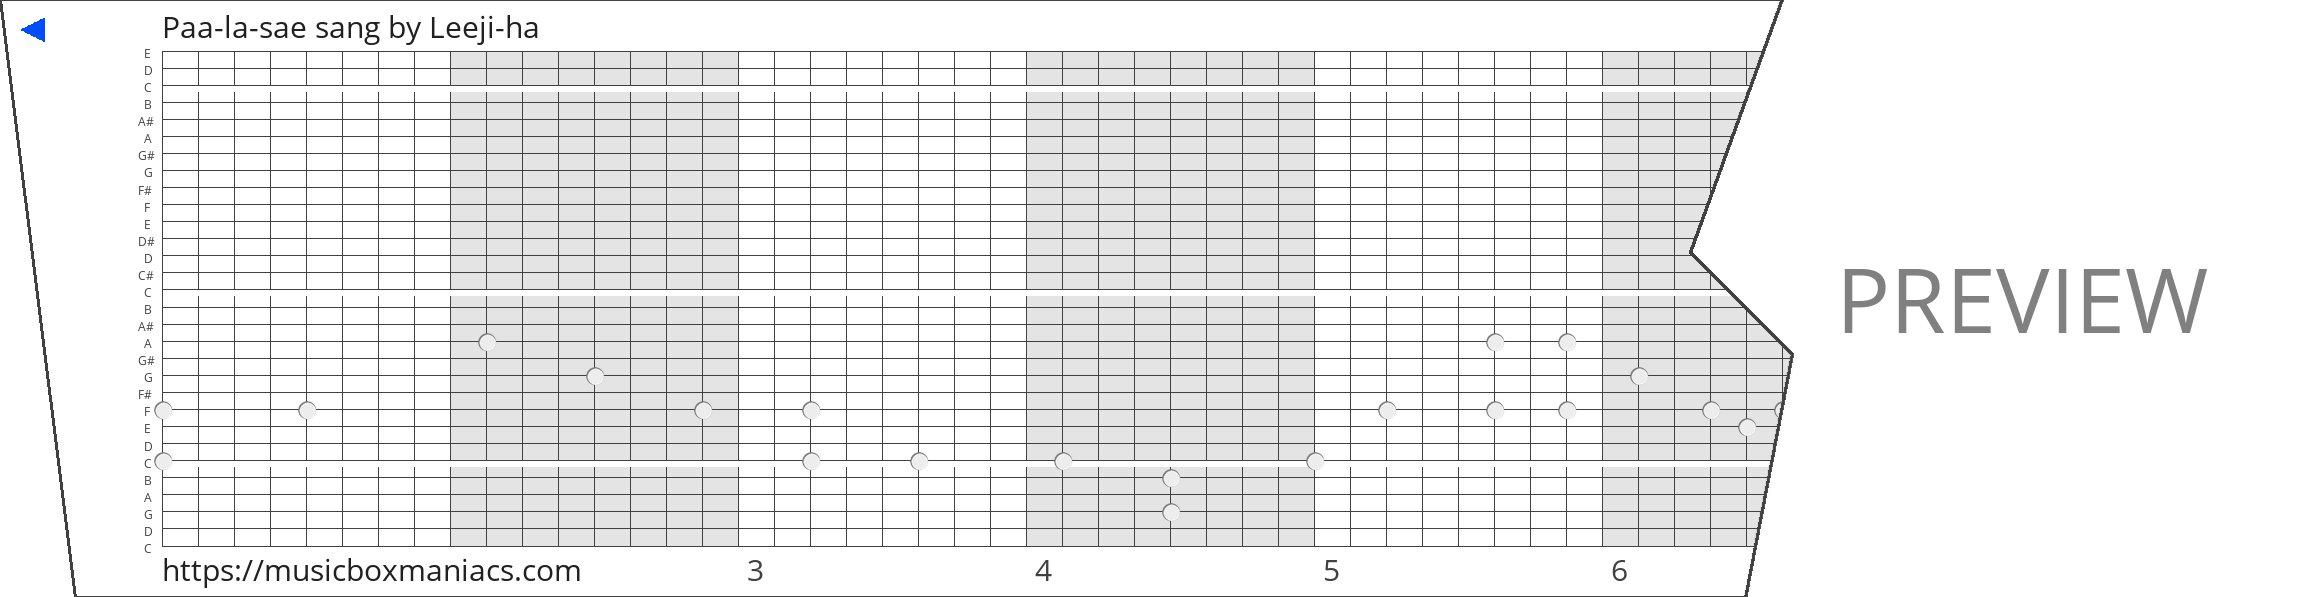 Paa-la-sae sang 30 note music box paper strip